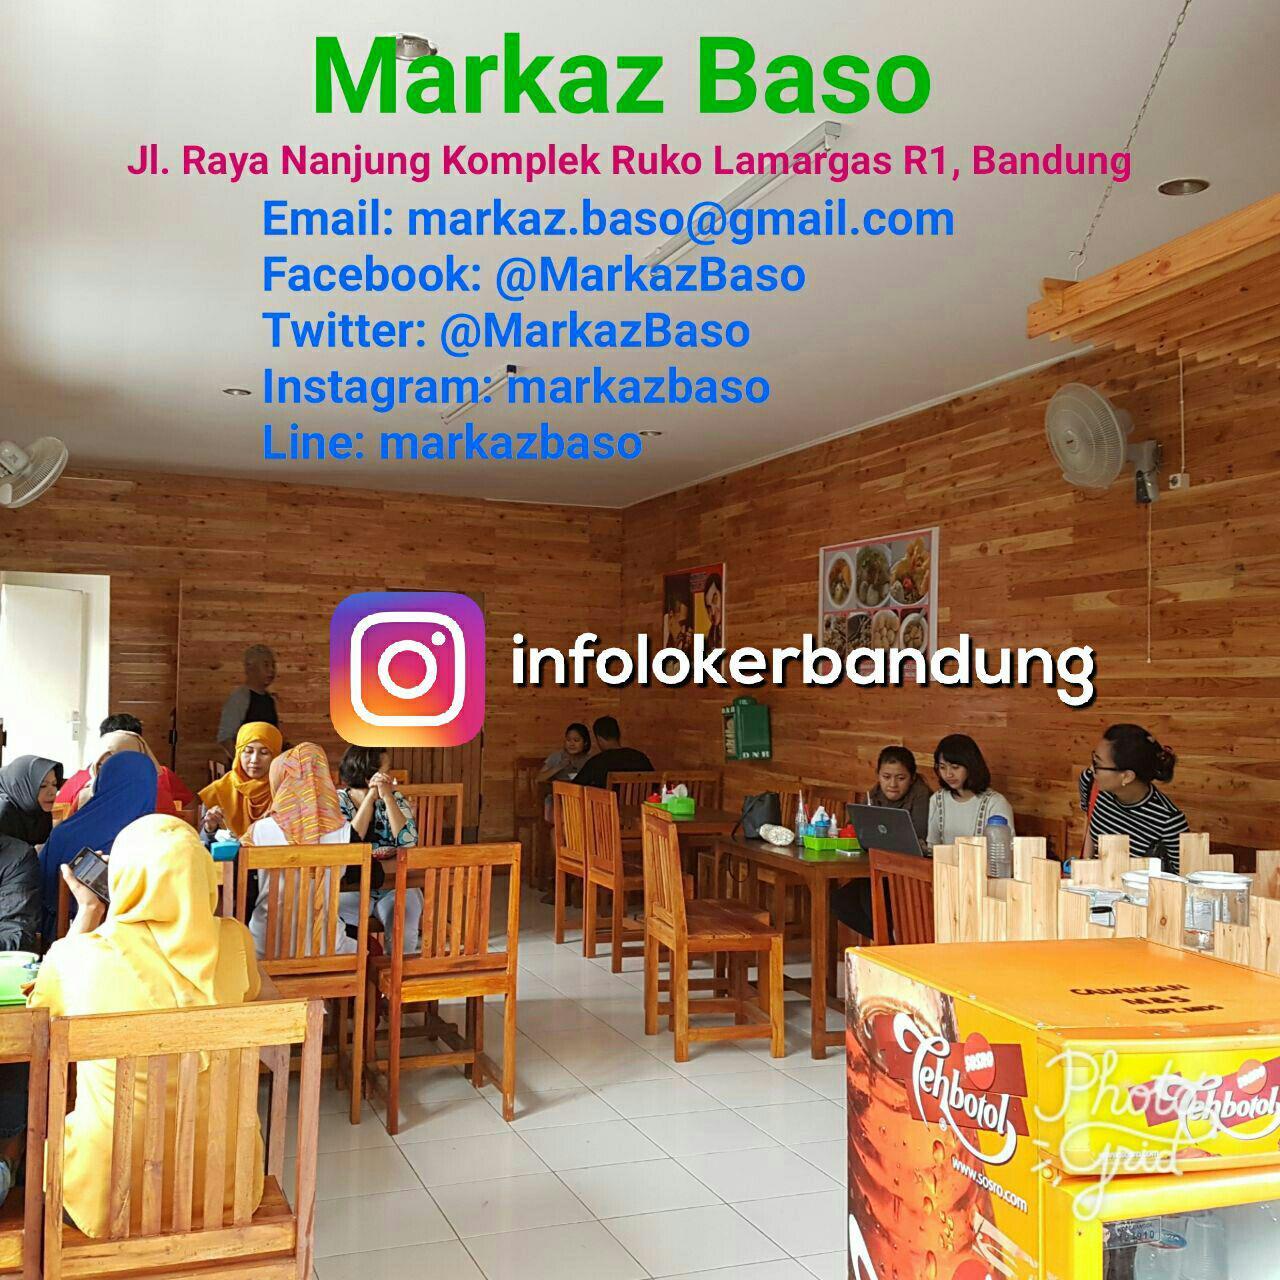 Lowongan Kerja Markaz Baso Bandung width=